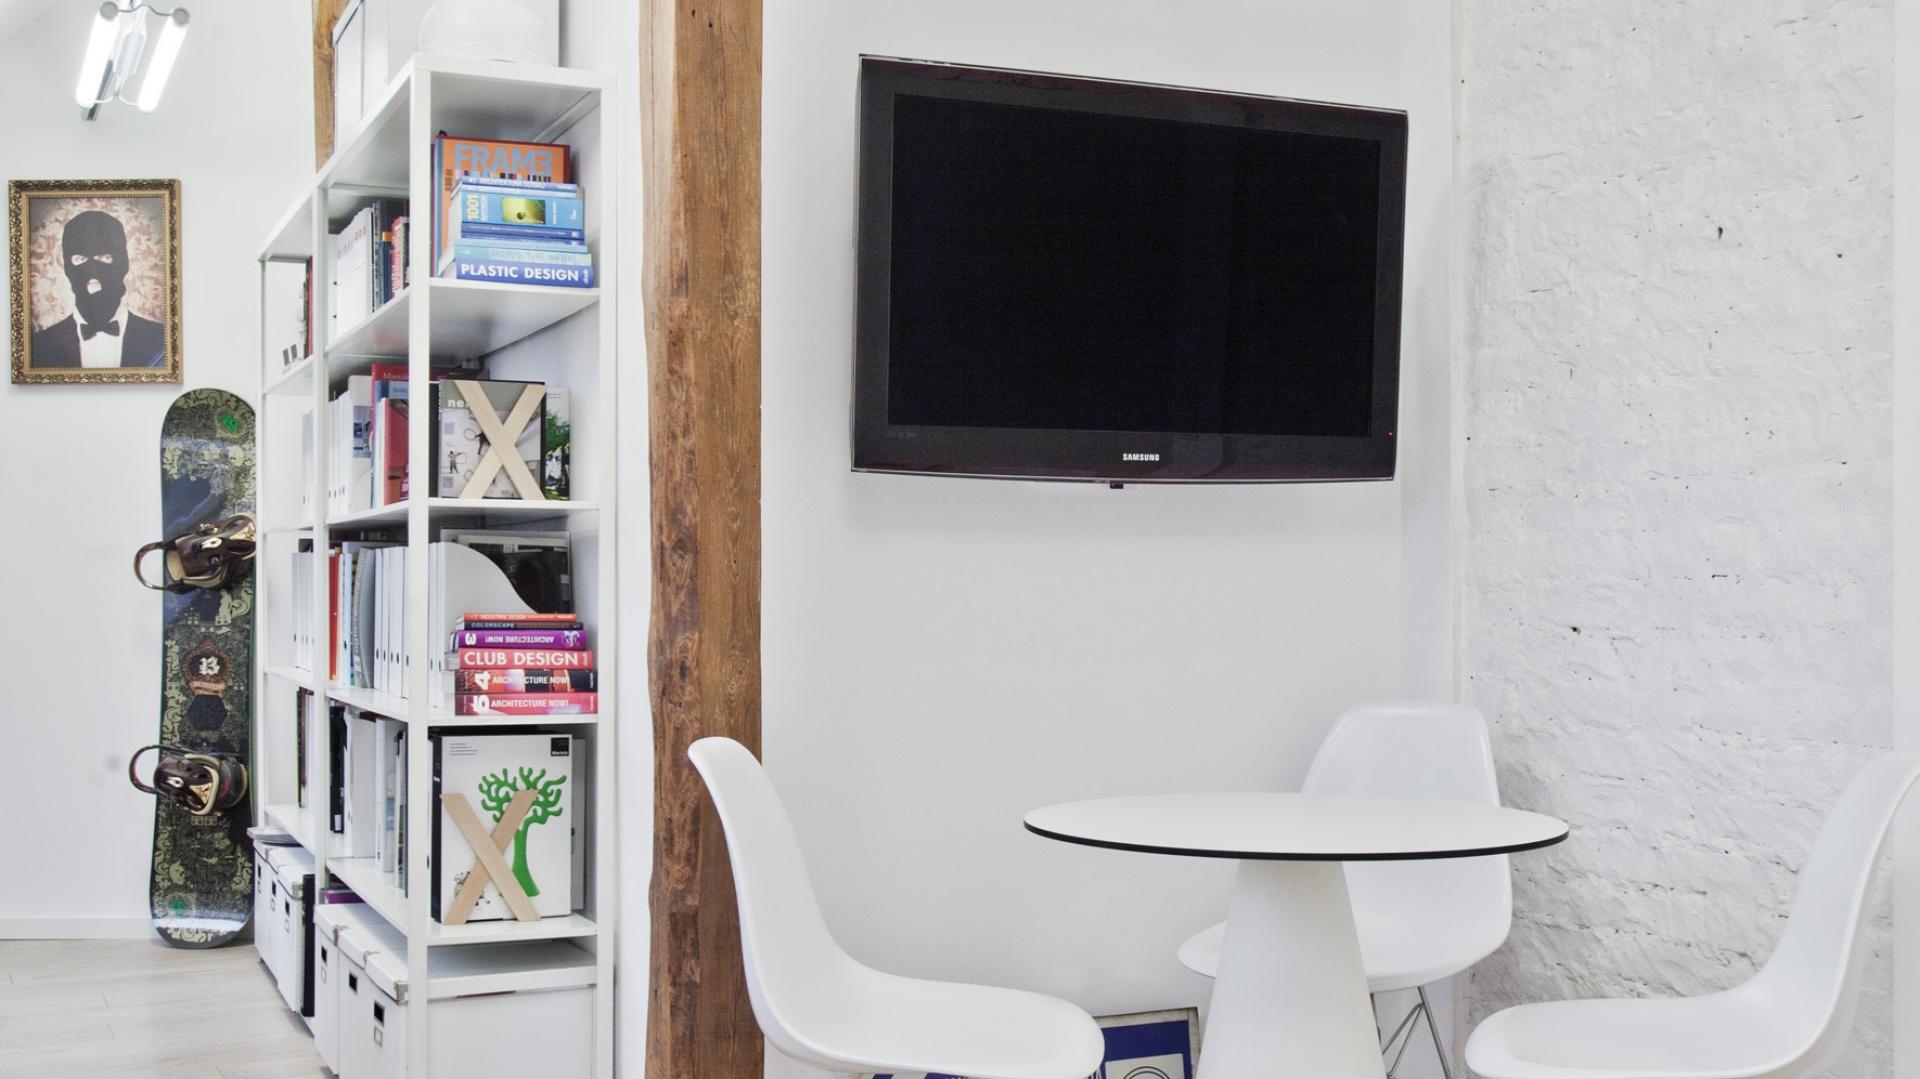 W rogu strefy dziennej urządzono bardzo prywatny kącik TV z niewielkim stolikiem. To wręcz idealne miejsce np. na wieczory przy meczach piłkarskich. Projekt: Superpozycja architekci. Fot. Przemek Skóra.